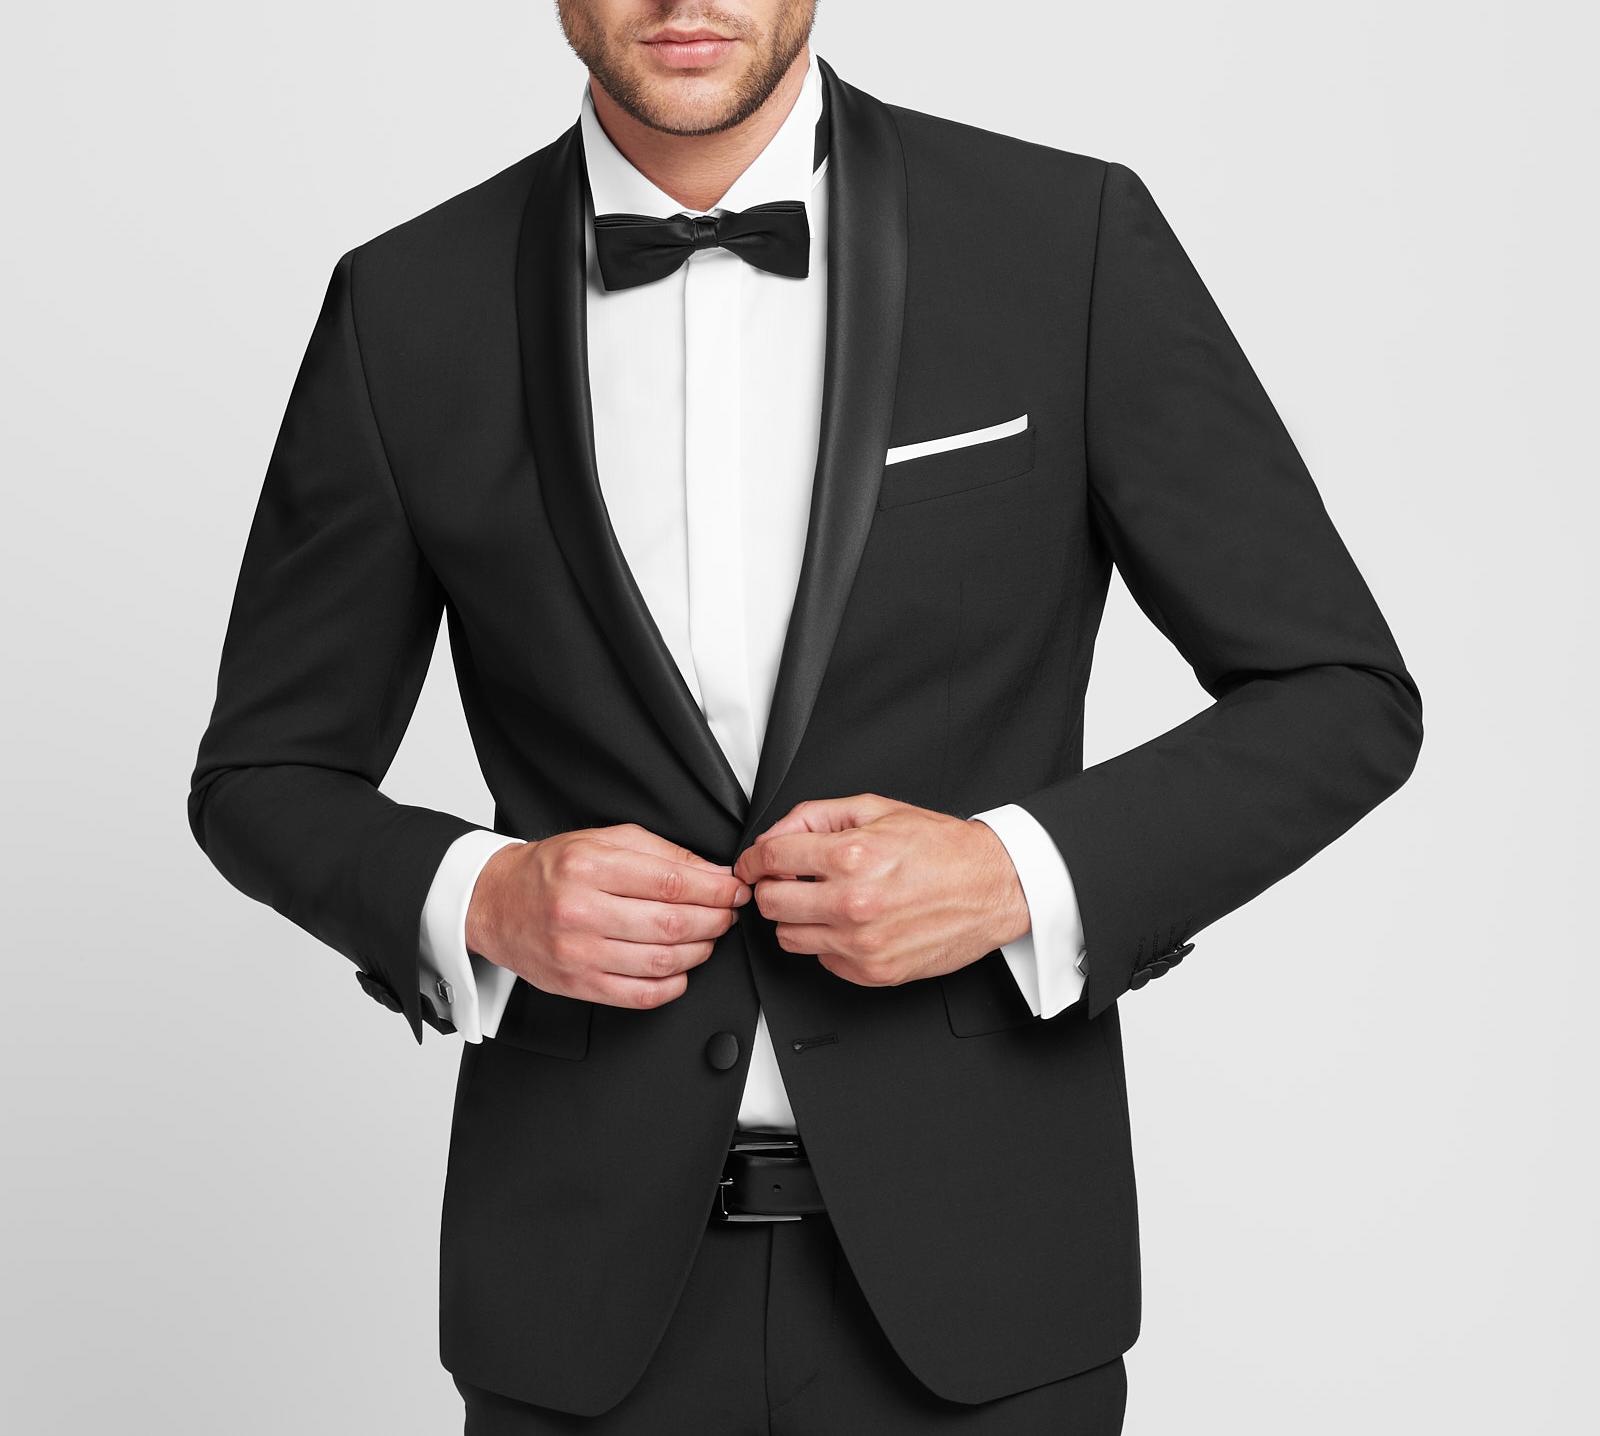 20a5a727423da7 Smoking nero moda uomo Digel slim fit negozio online saldi